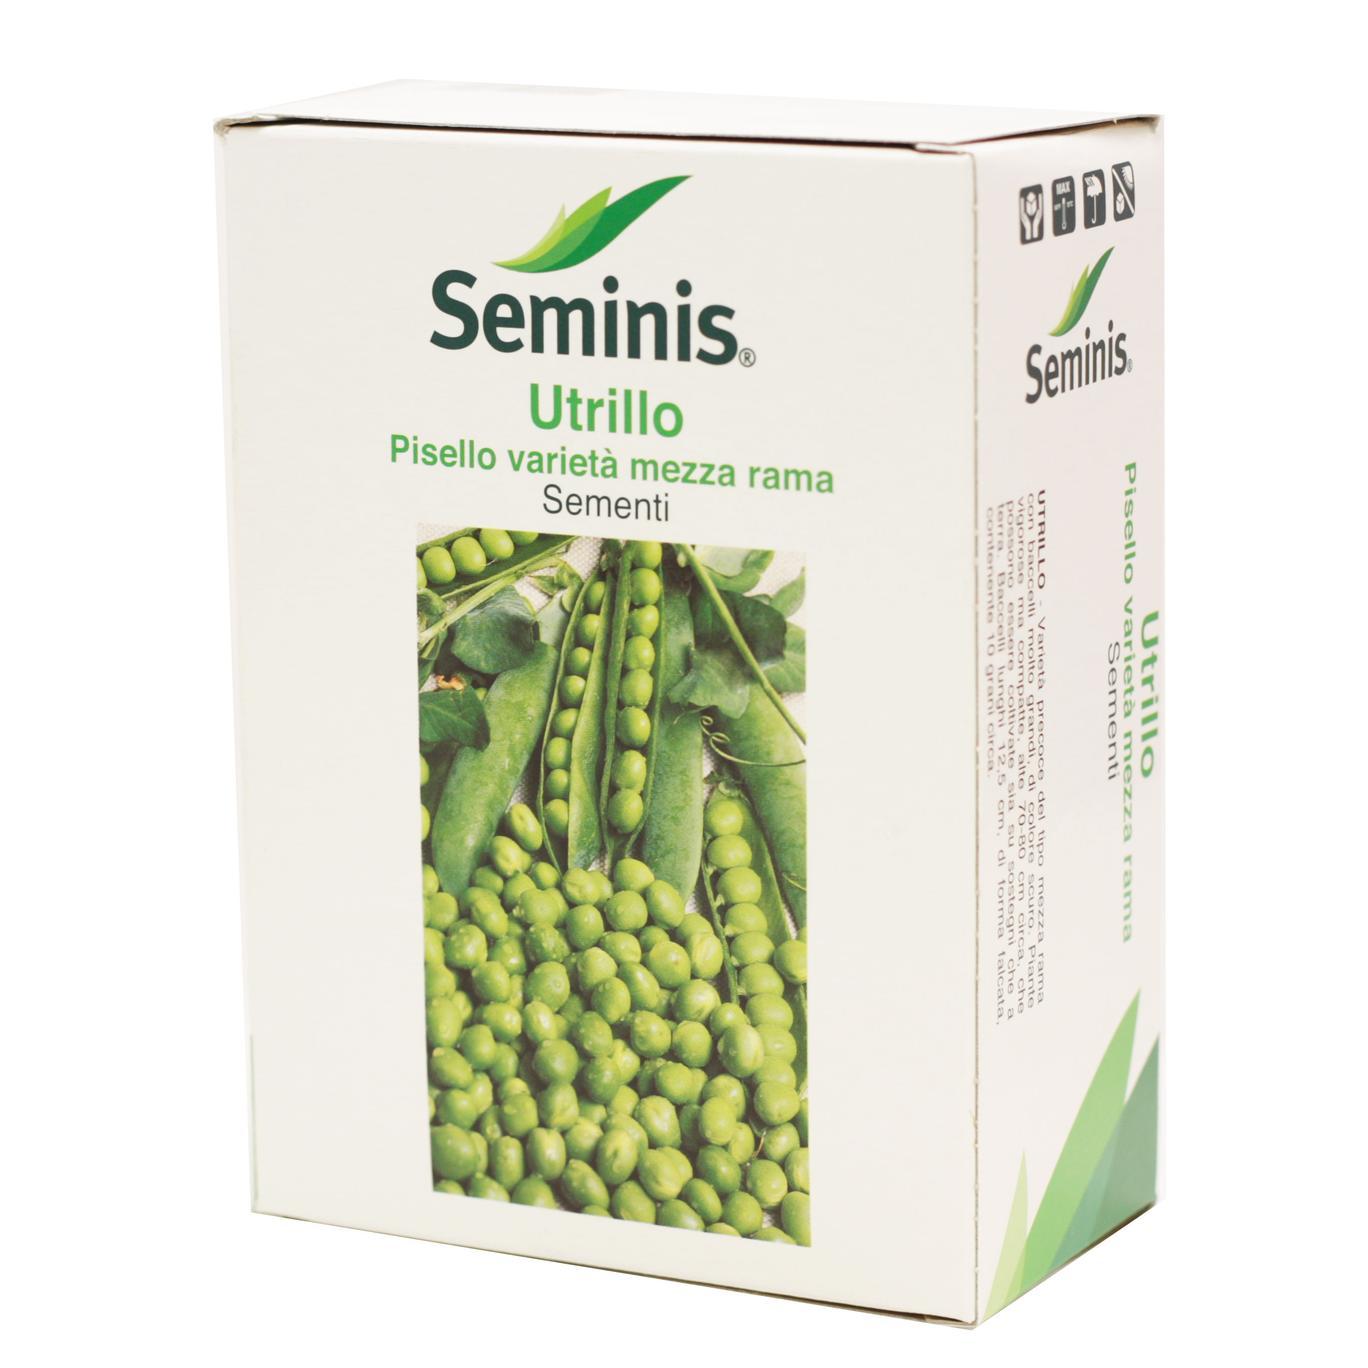 Semi di Pisello UTRILLO da gr.1000 varietà mezza rama